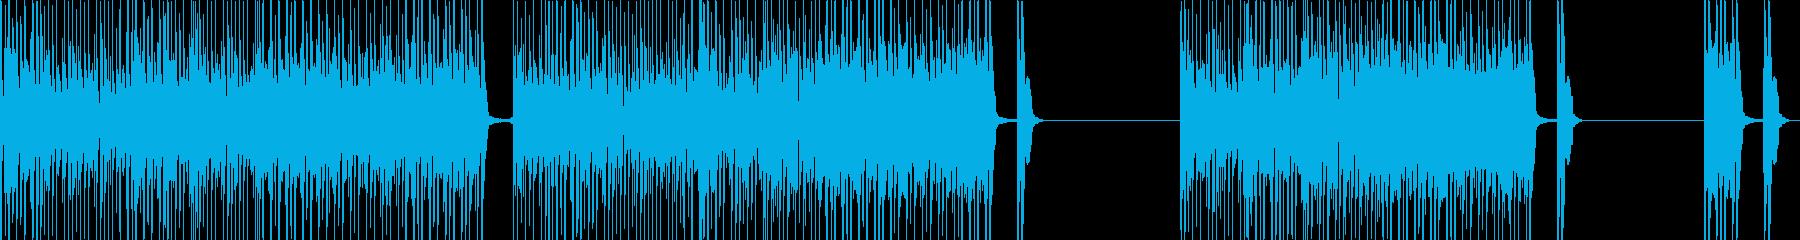 気持ちいいテンポで進む楽しい歌の再生済みの波形